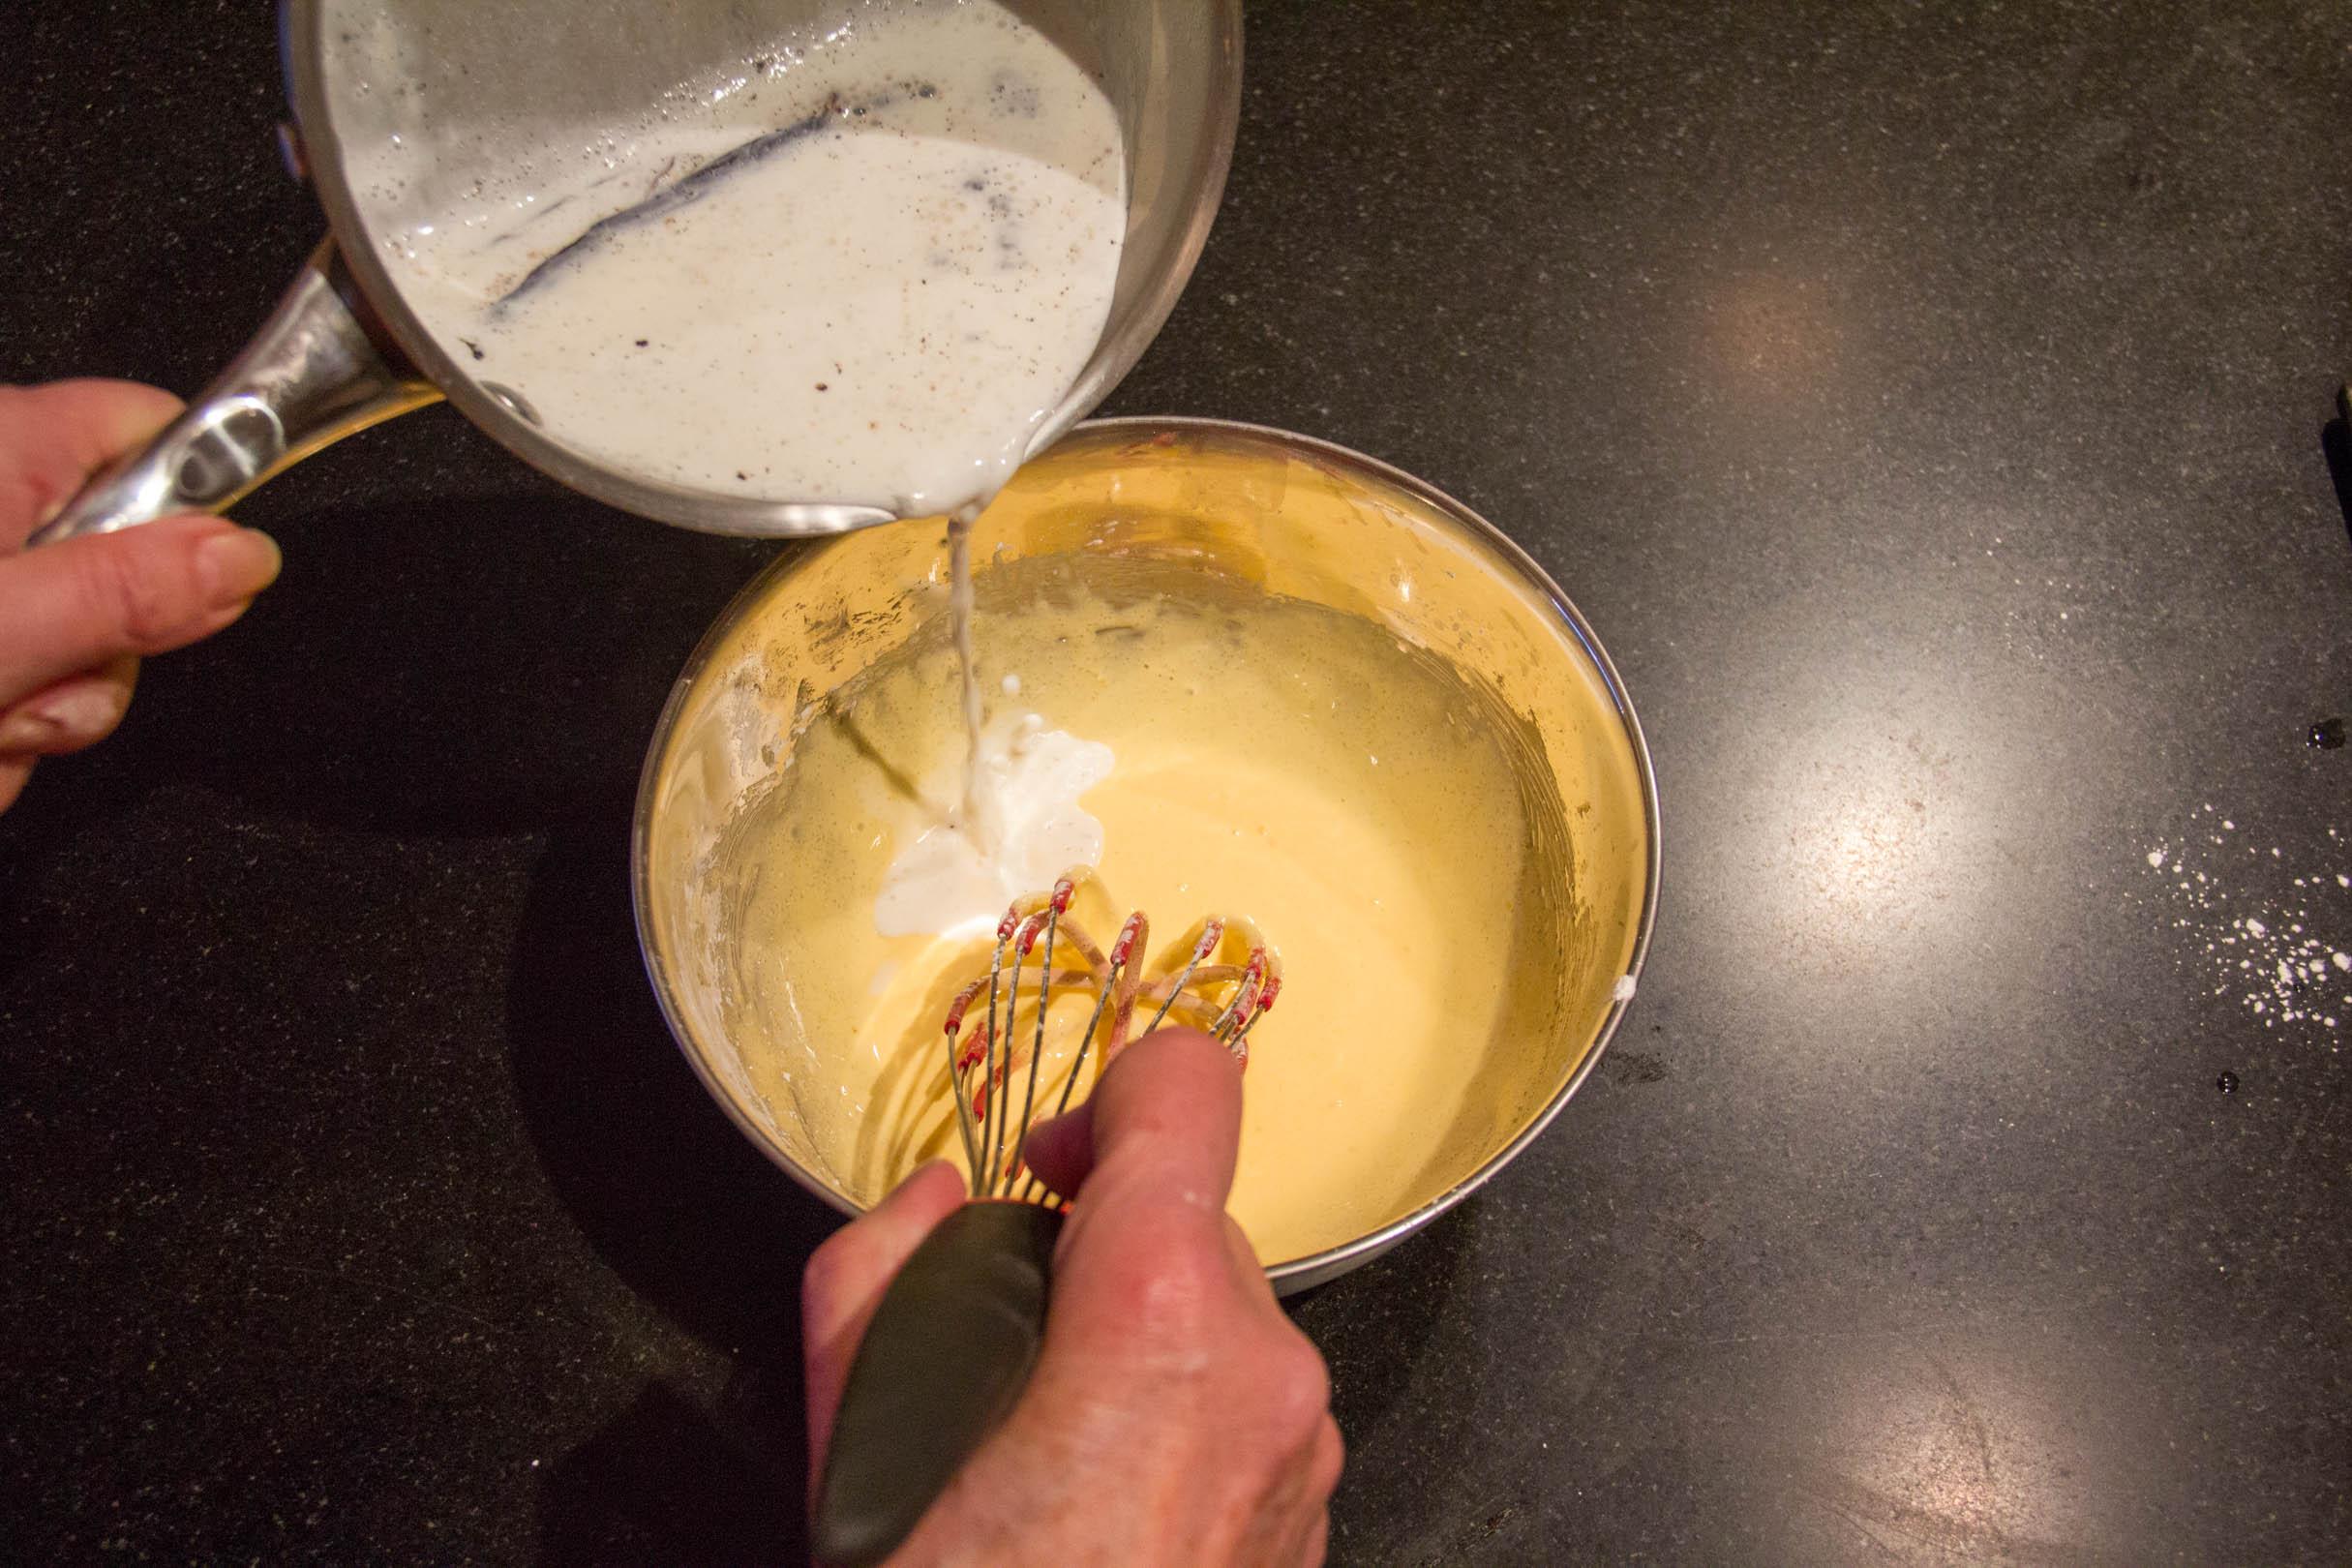 Versez progressivement le lait chaud sur la crème